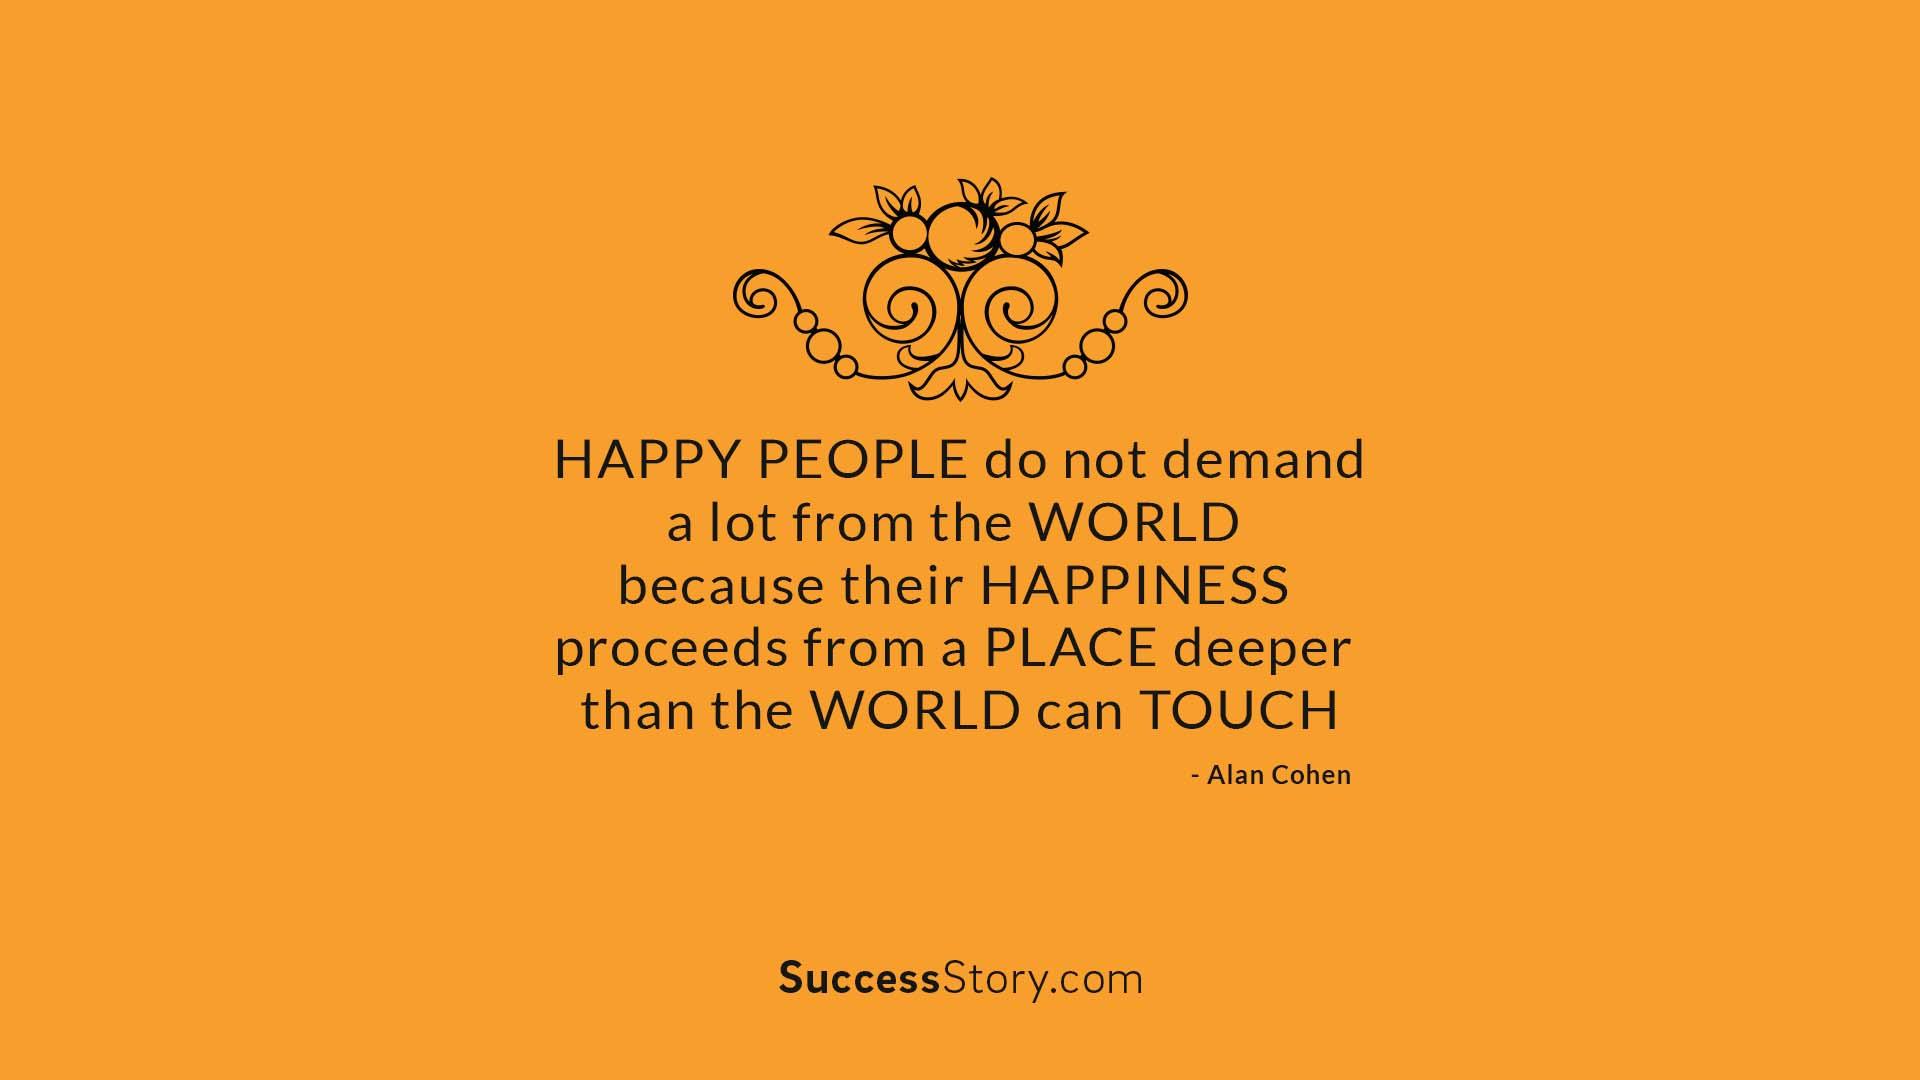 Happy people do not demand